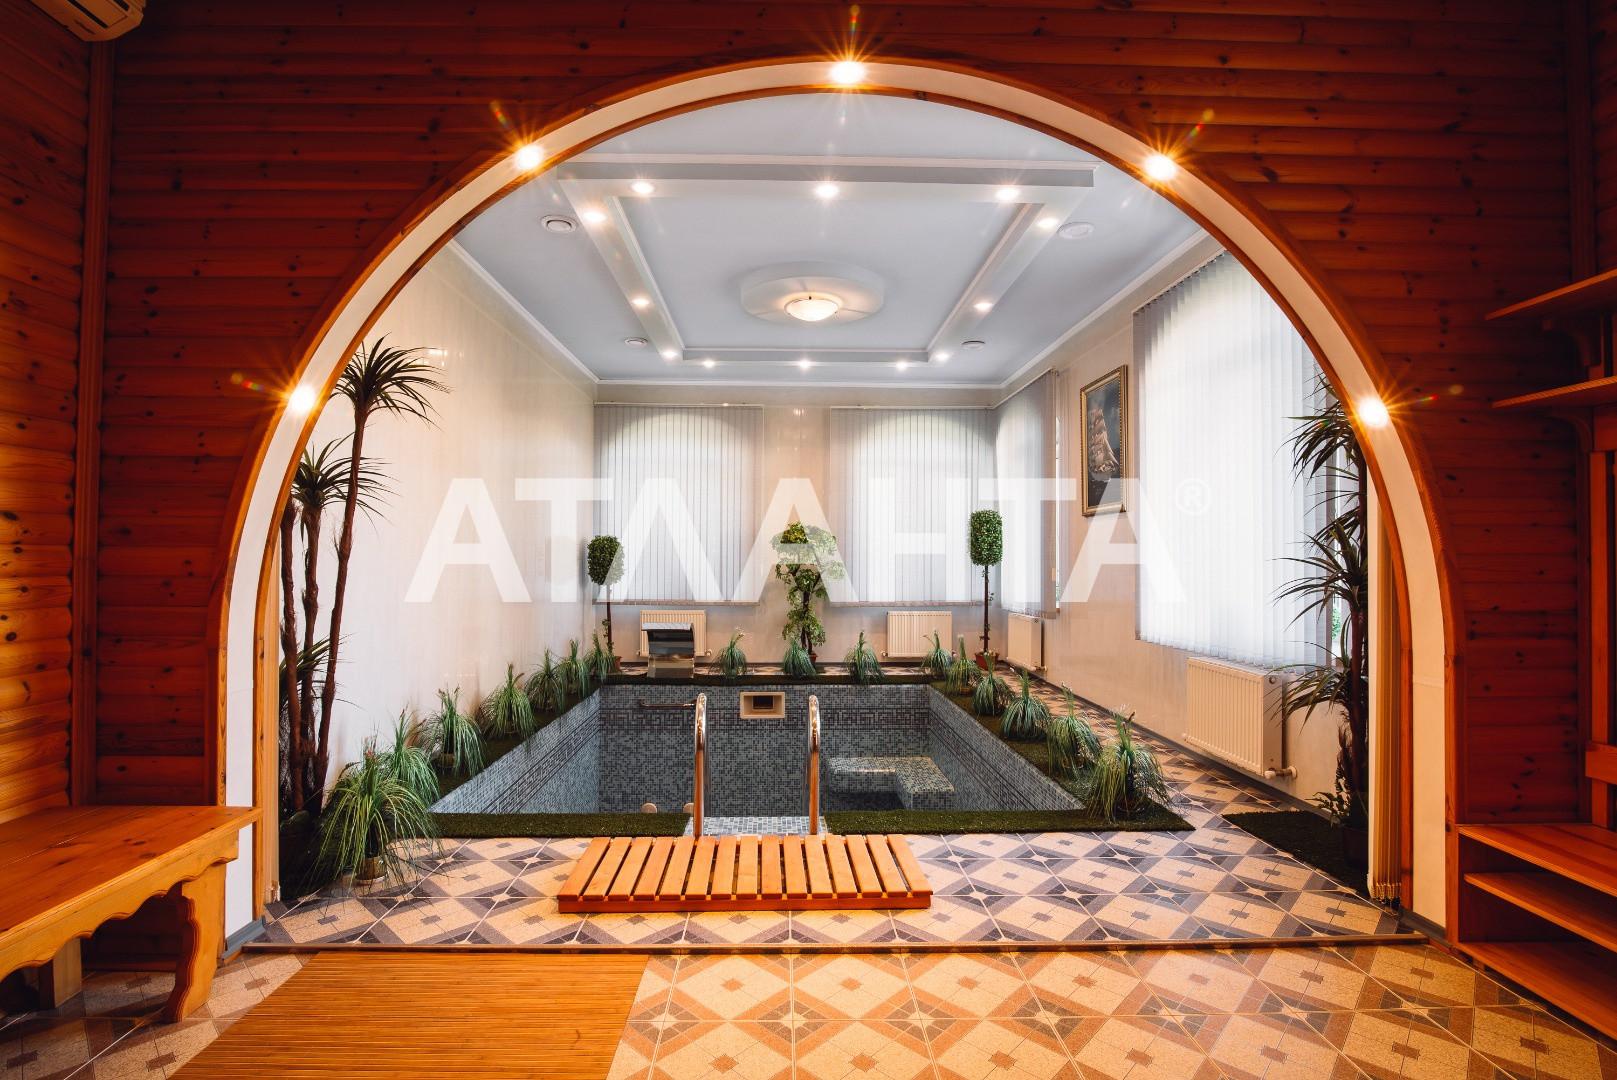 Продается Дом на ул. Аркадиевский Пер. — 1 300 000 у.е. (фото №29)